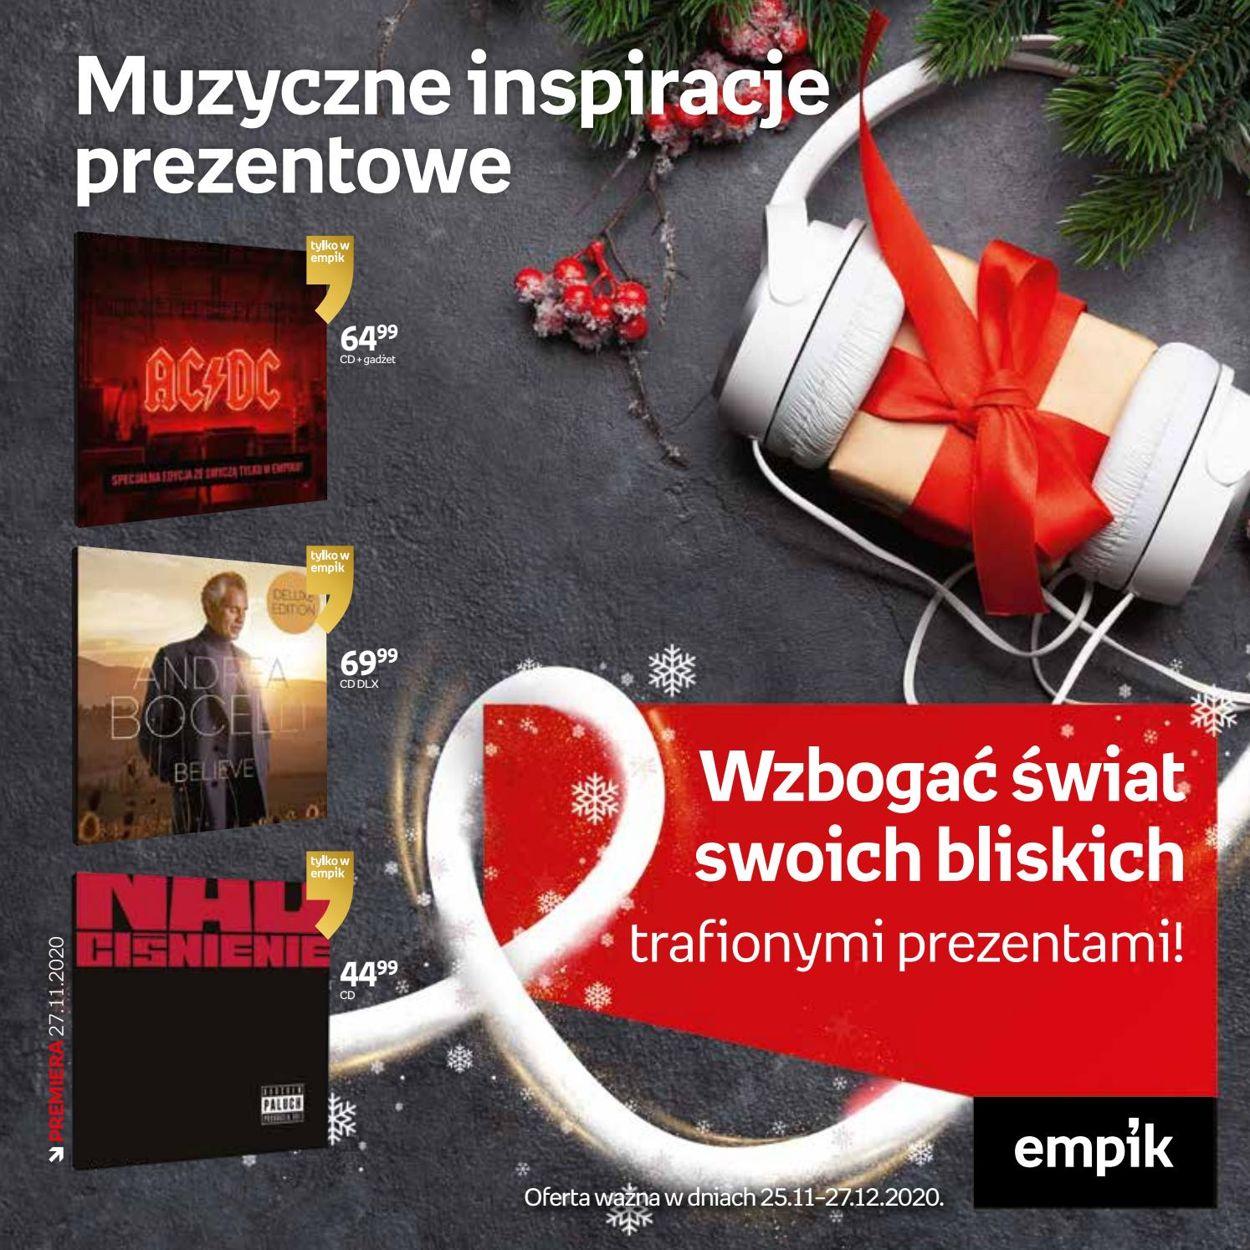 Gazetka promocyjna Empik Katalog Świąteczny 2020 - 25.11-27.12.2020